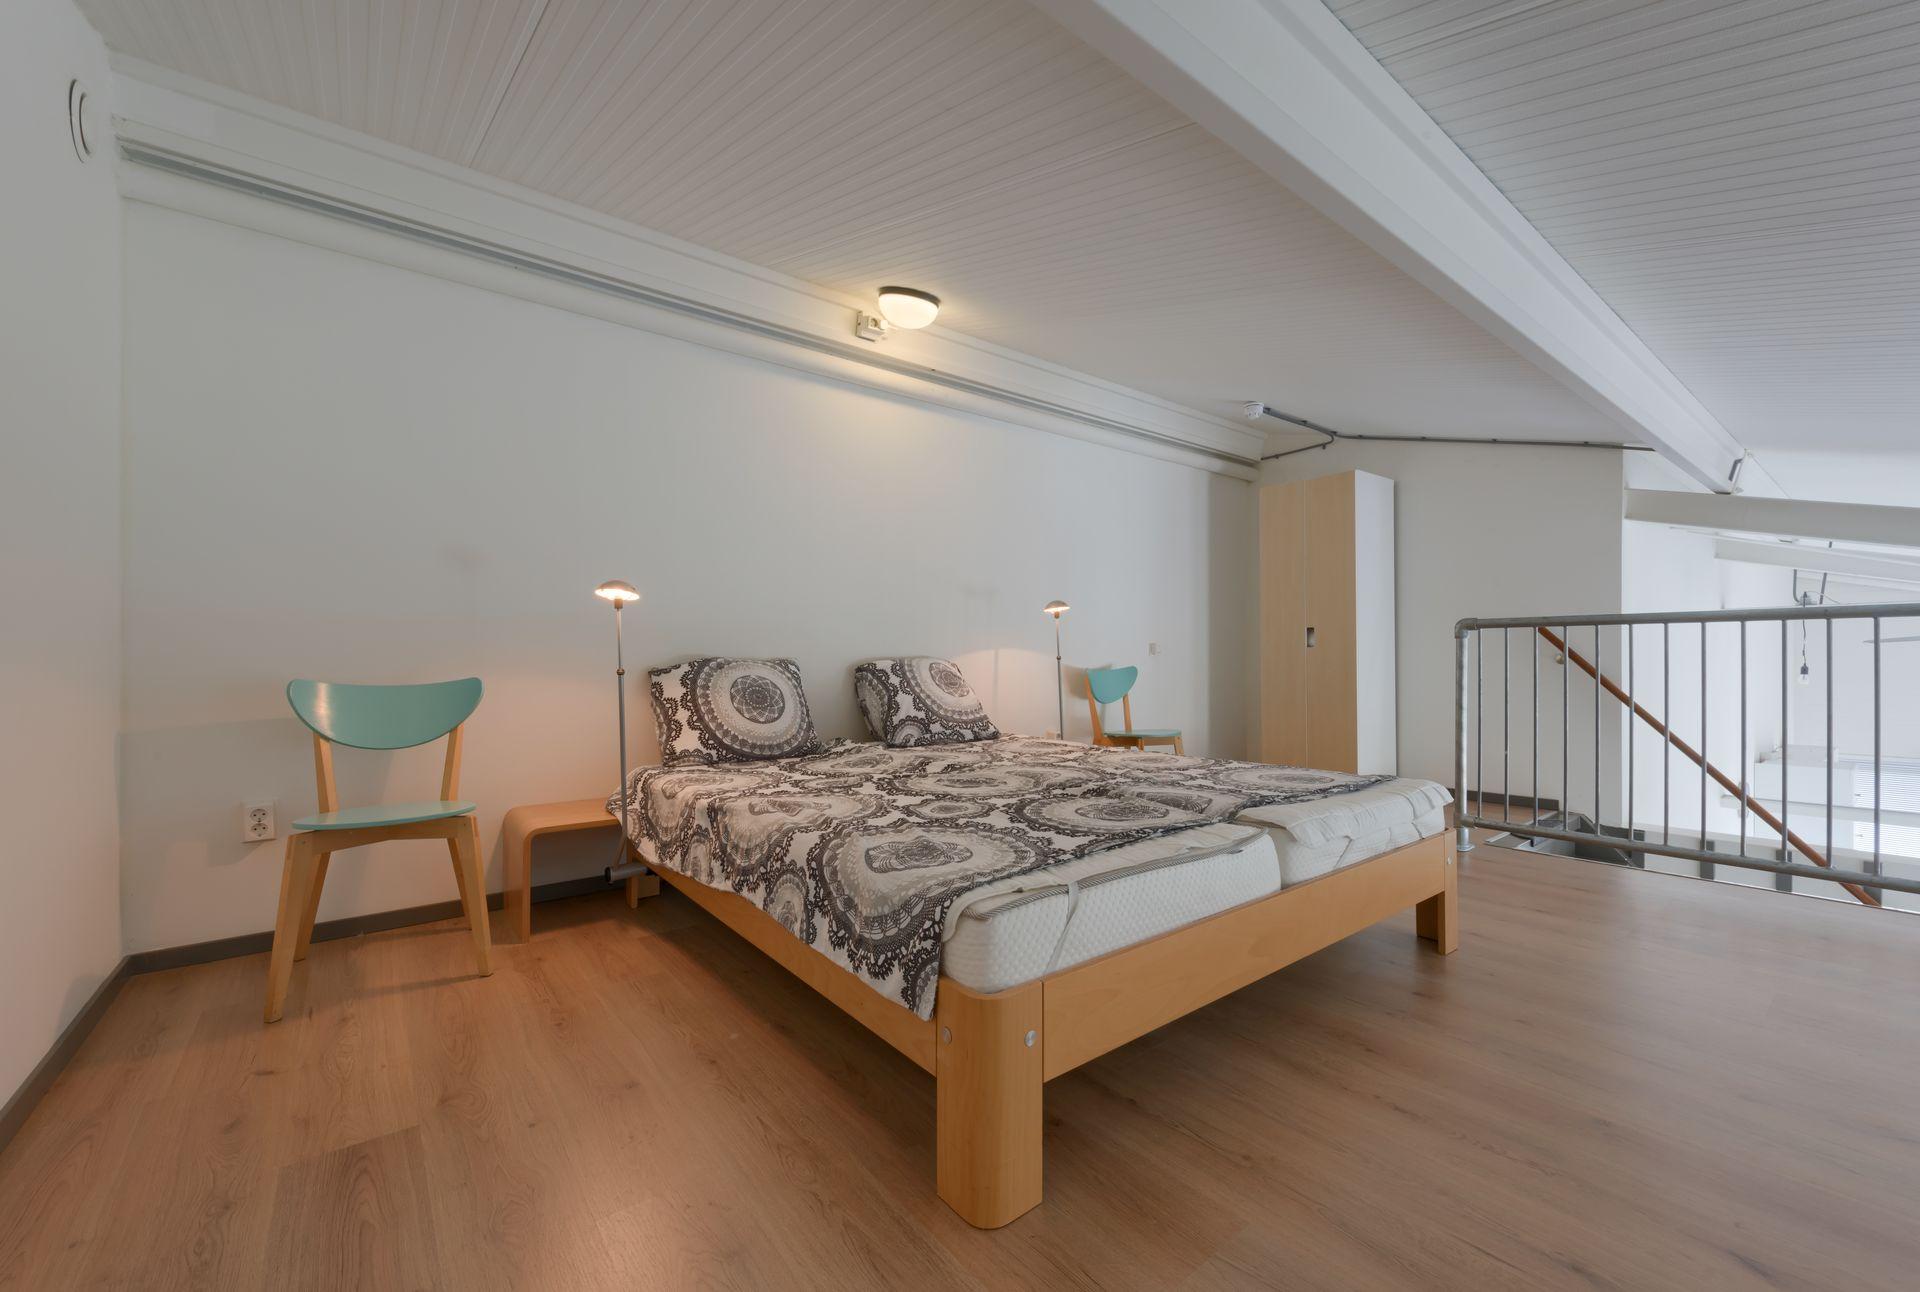 tranquilo-appartementen-casa-del-lago-slaapkamer